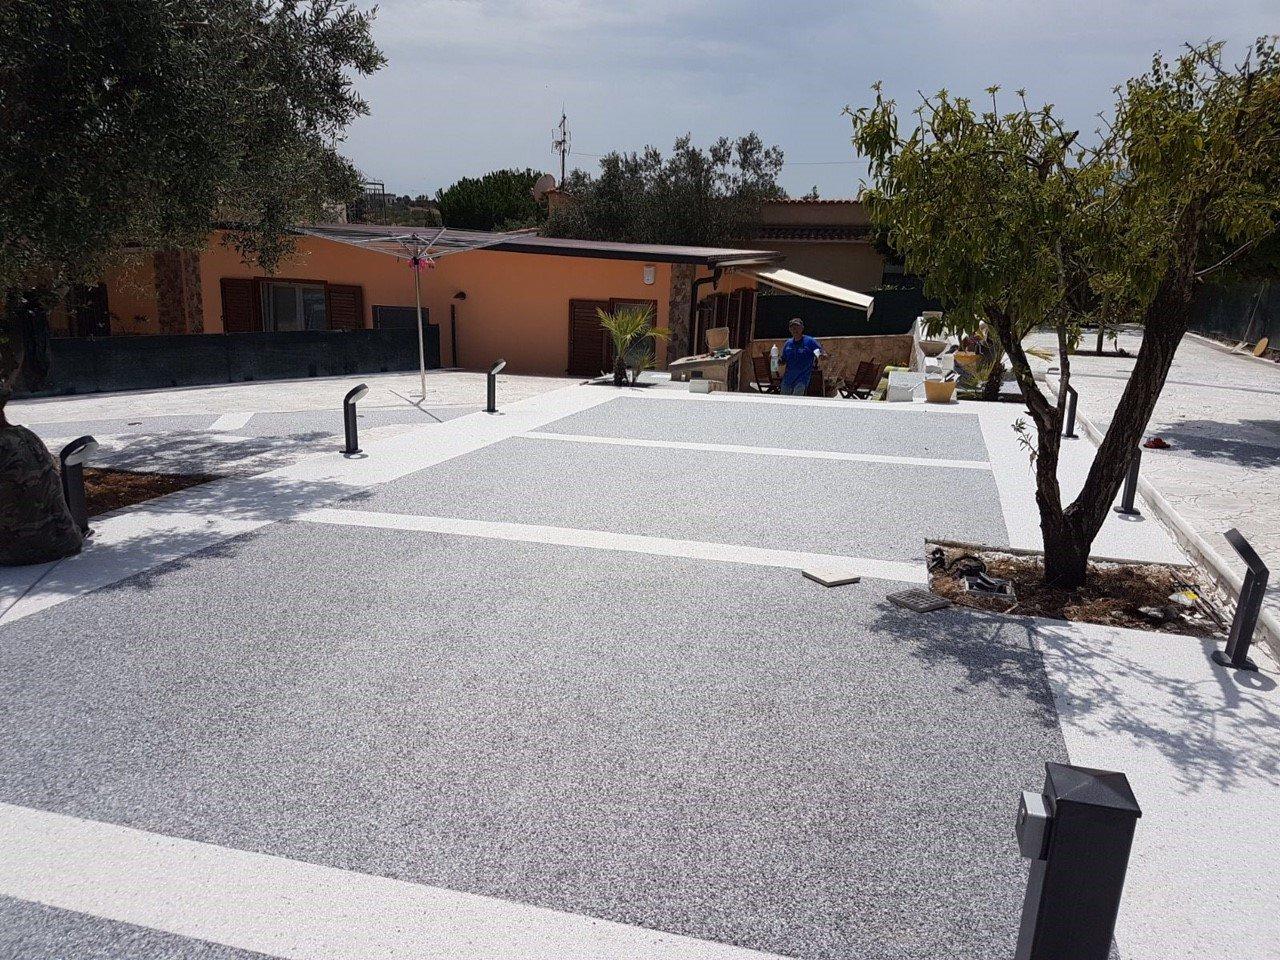 Calcestruzzo Stampato Palermo : Lavorazioni calcestruzzo stampato palermo sg pavimentazioni